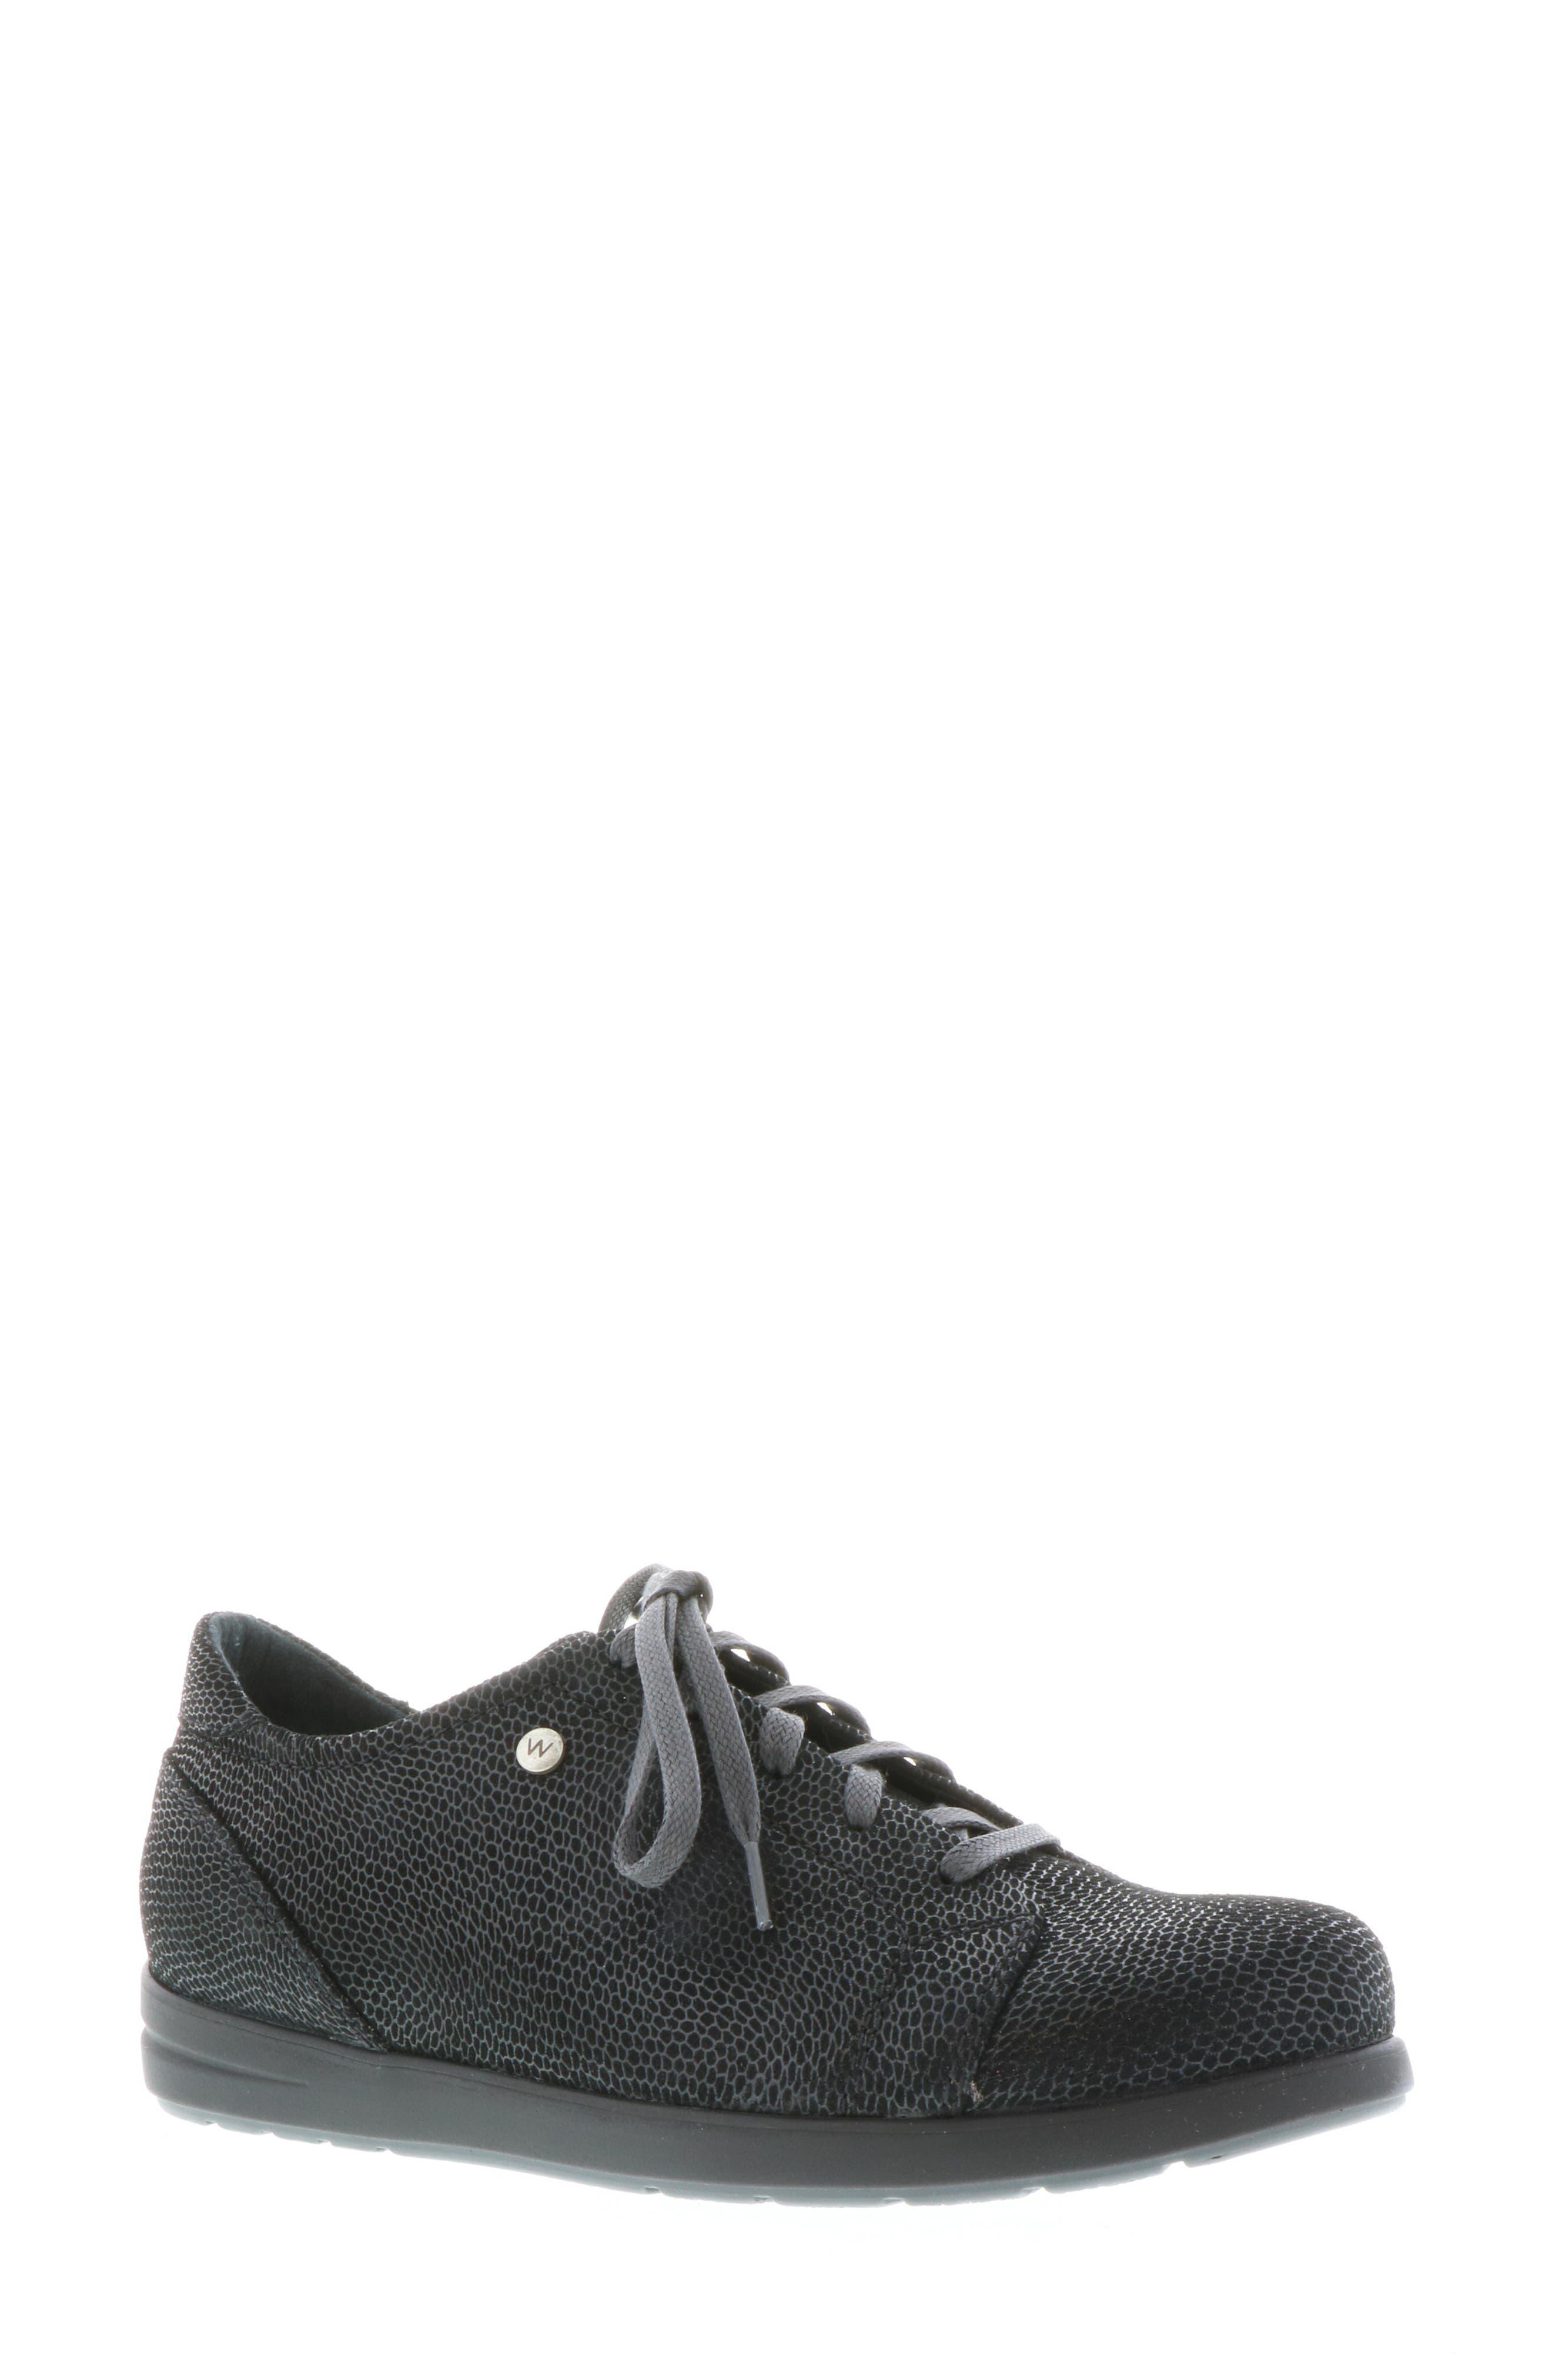 Wolky Kinetic Sneaker - Black